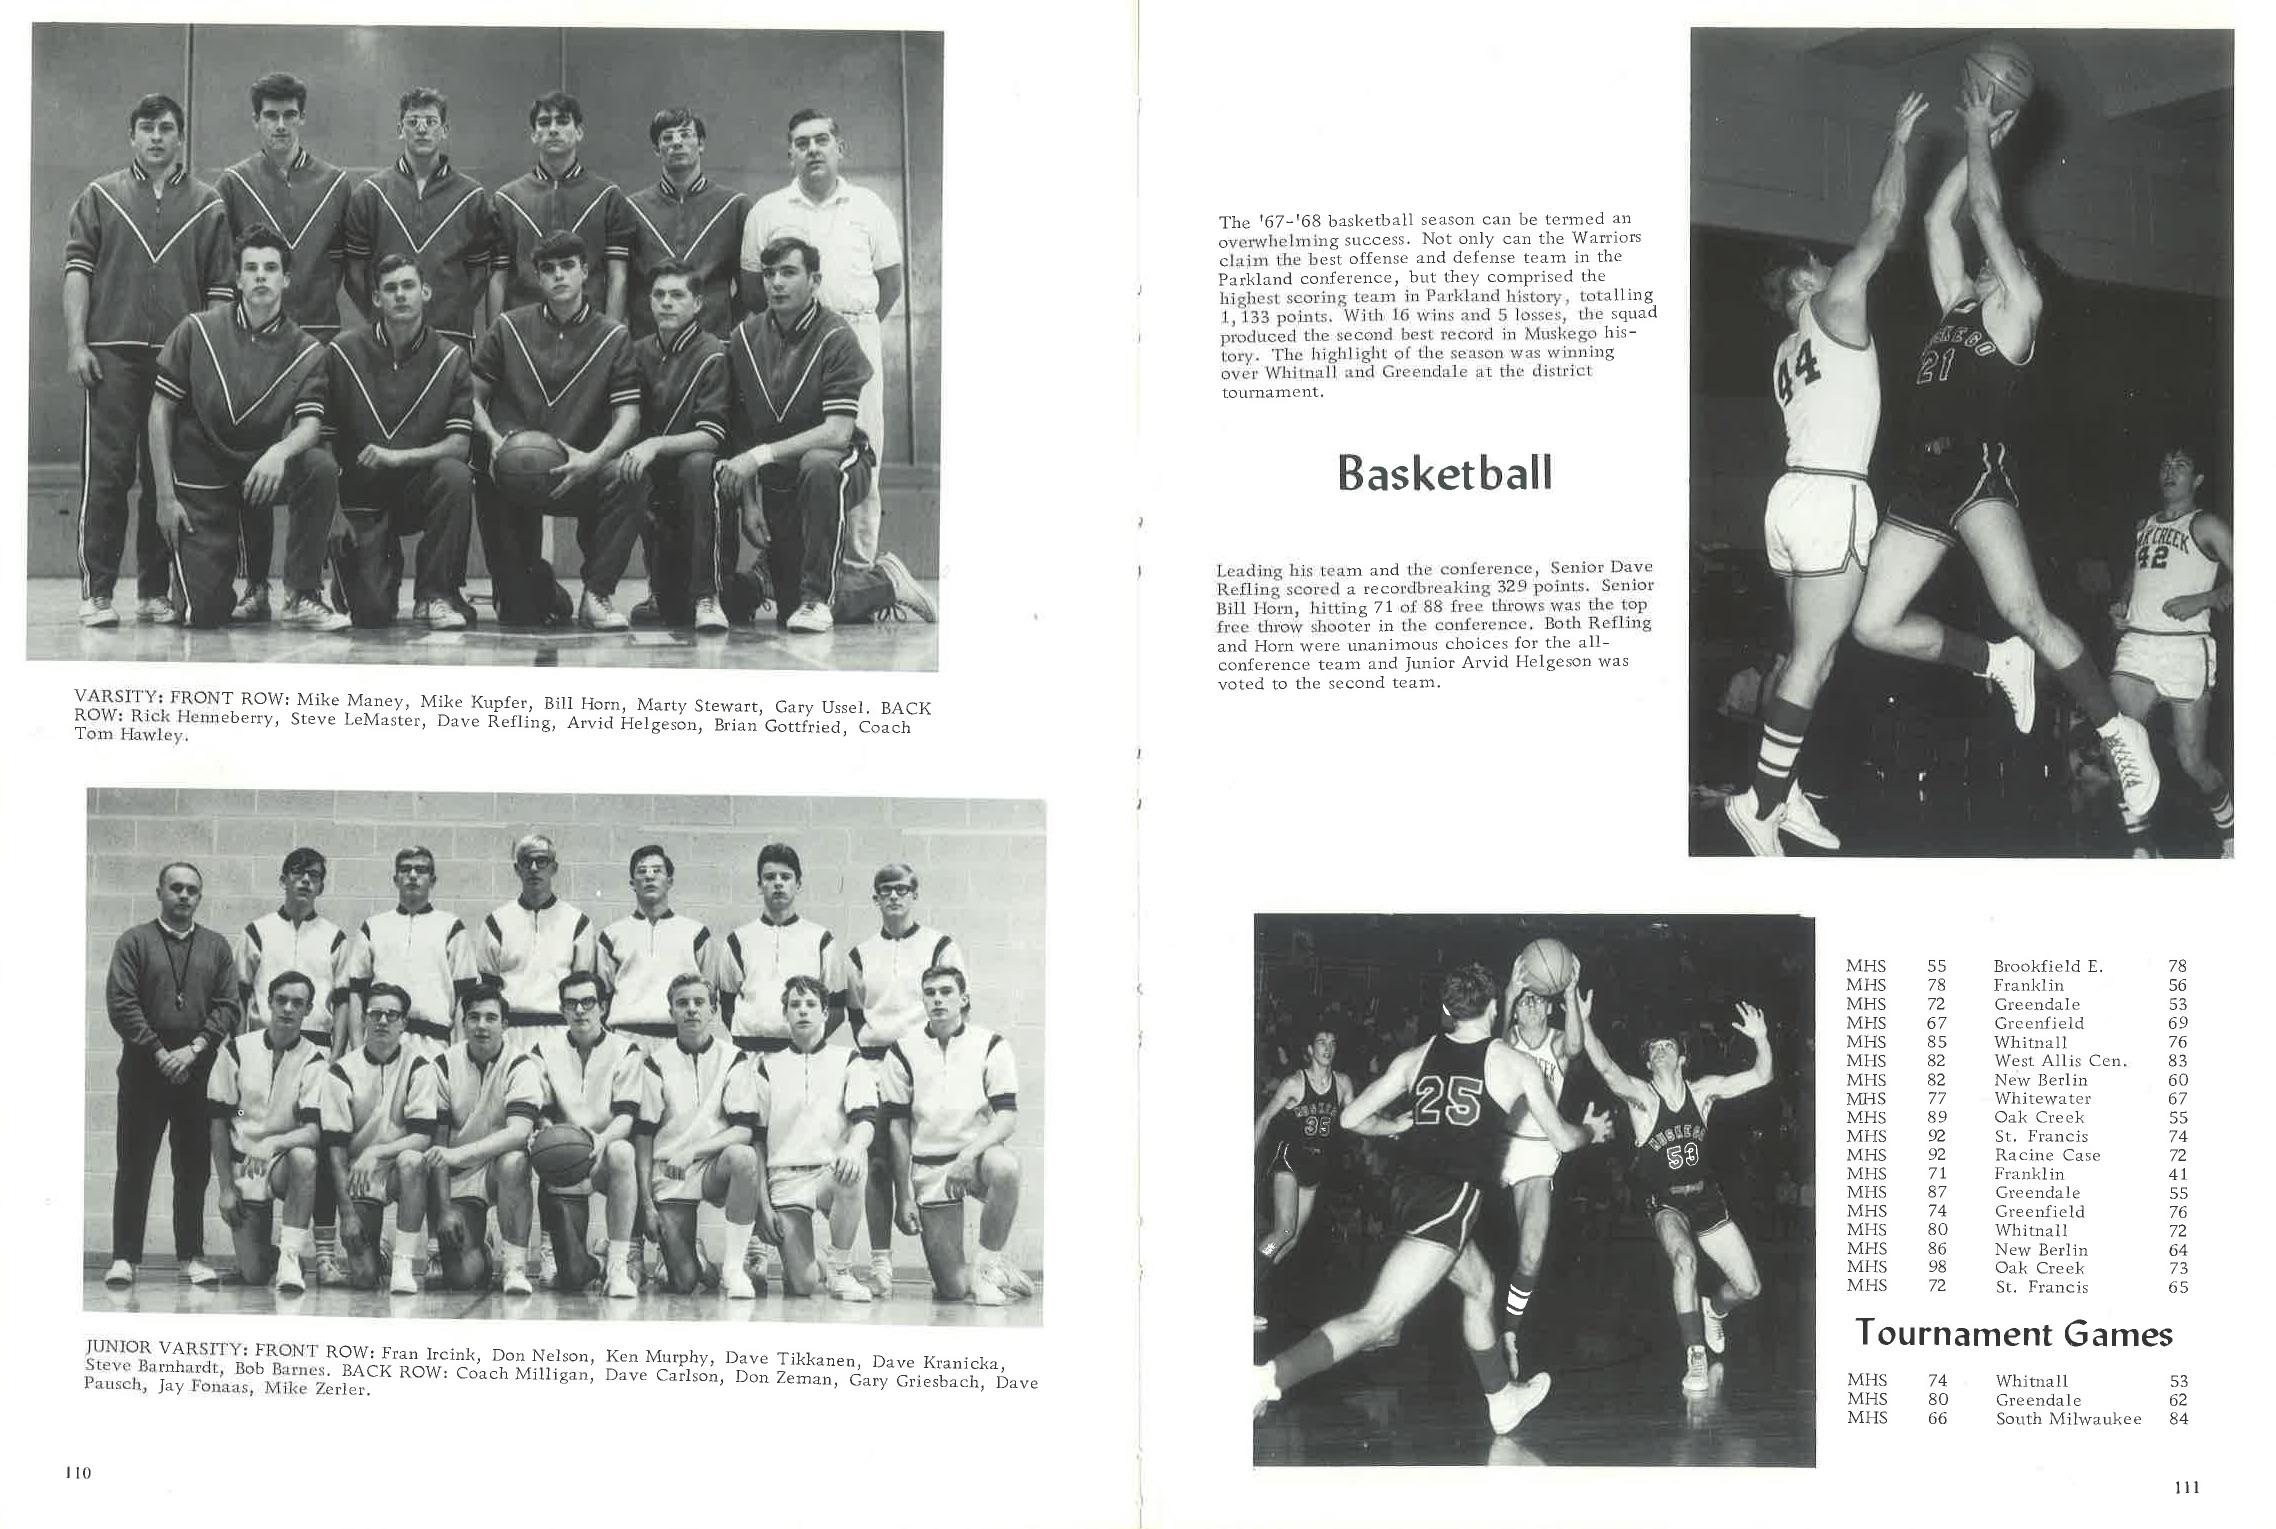 1968_Yearbook_56.jpg